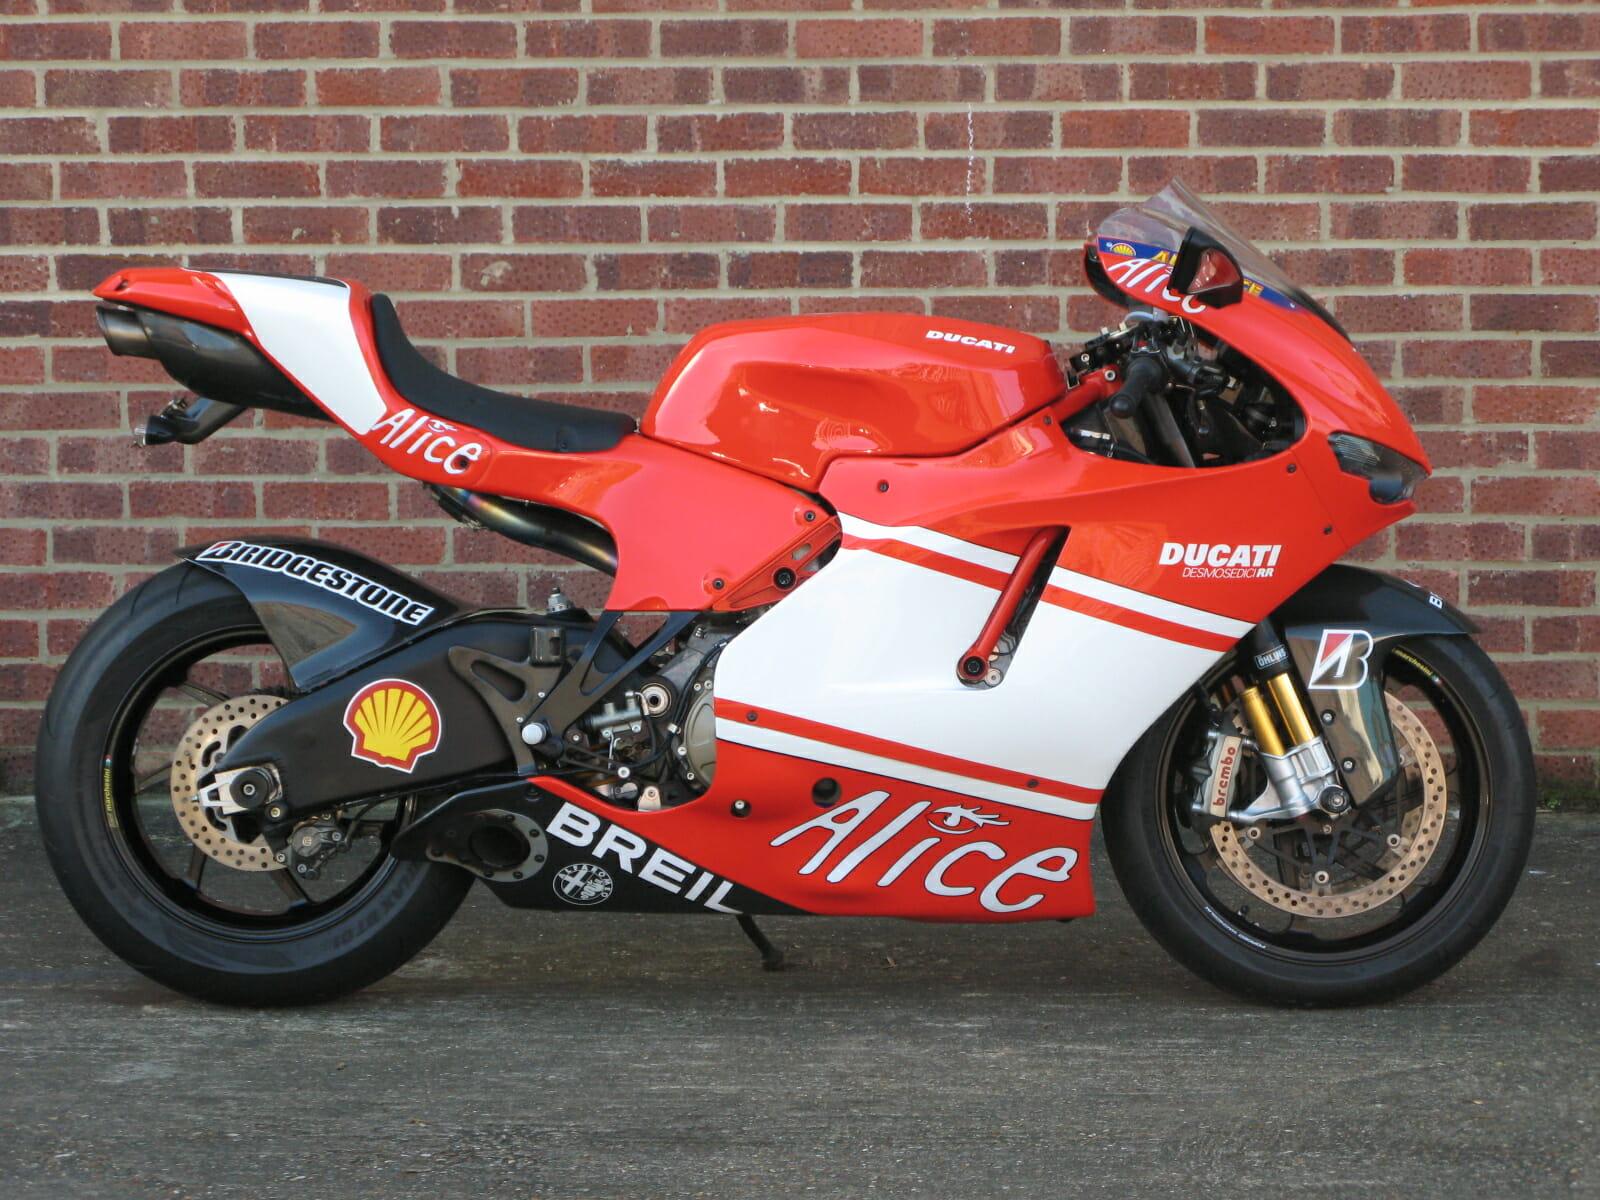 Ducati Desmosedici Rr Anthony Godin